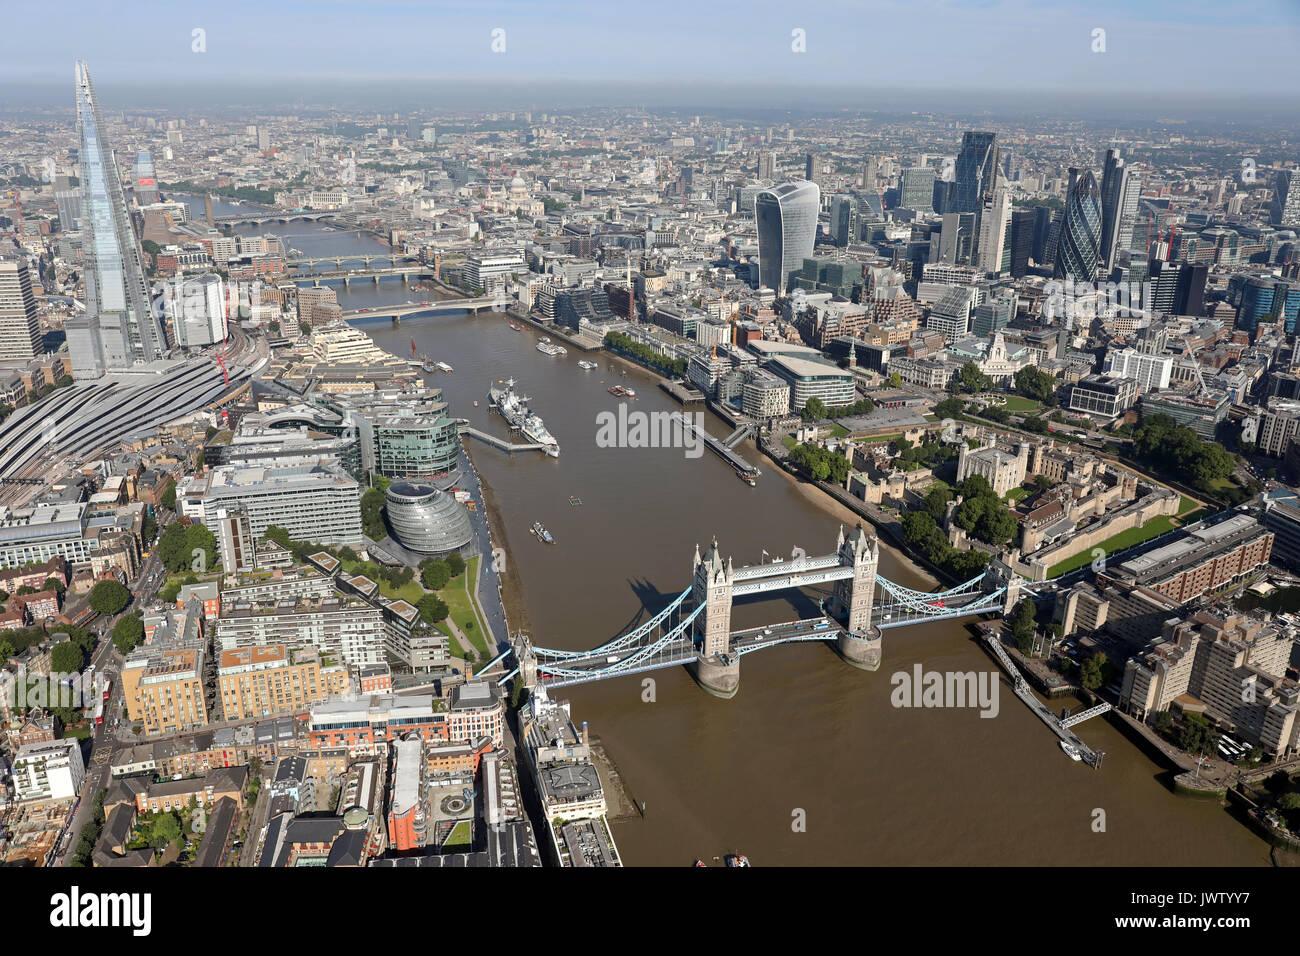 Vista aérea del puente de la torre, Shard, el Támesis, y la ciudad de Londres Imagen De Stock